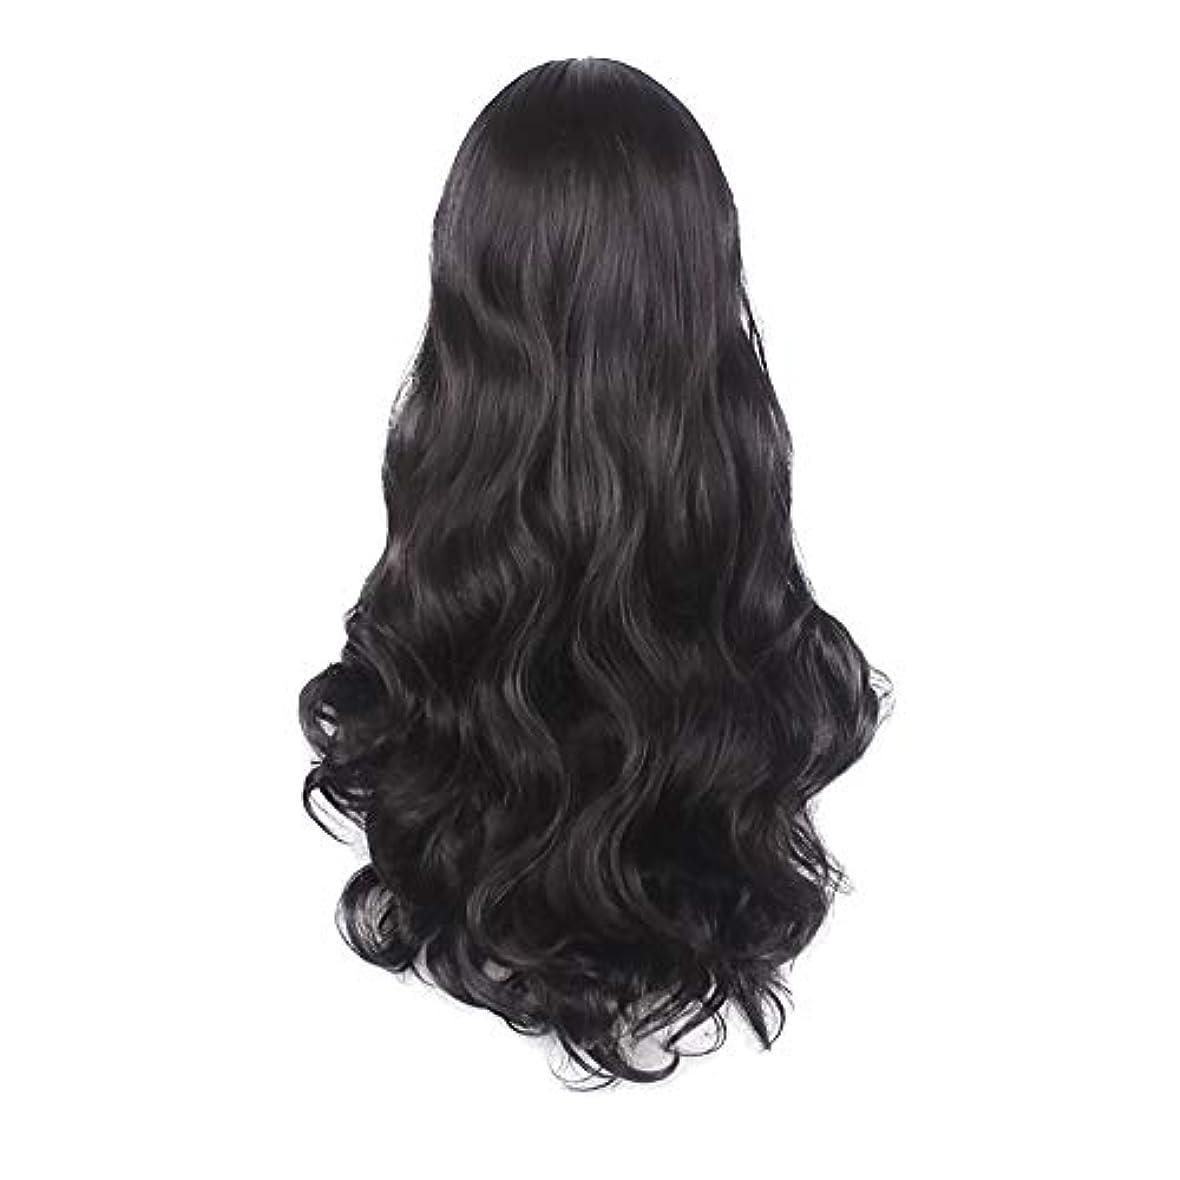 ポンプ甘味エレガント女性の黒の長い波状の巻き毛のかつらパーティーCOS小道具かつらをかつら